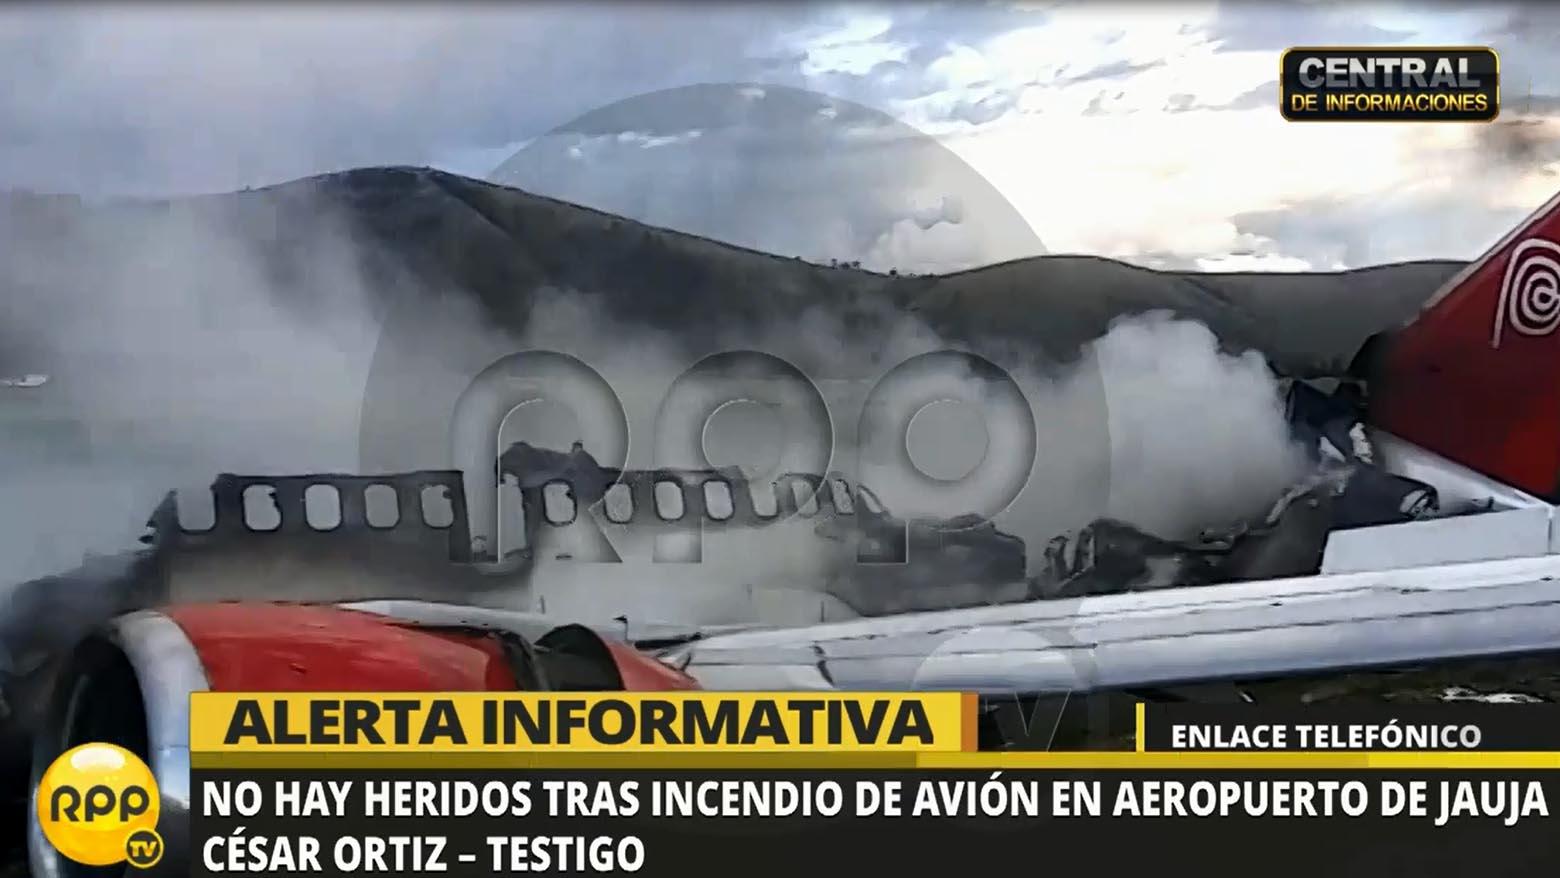 Varios pasajeros grabaron videos de su huida del avión.